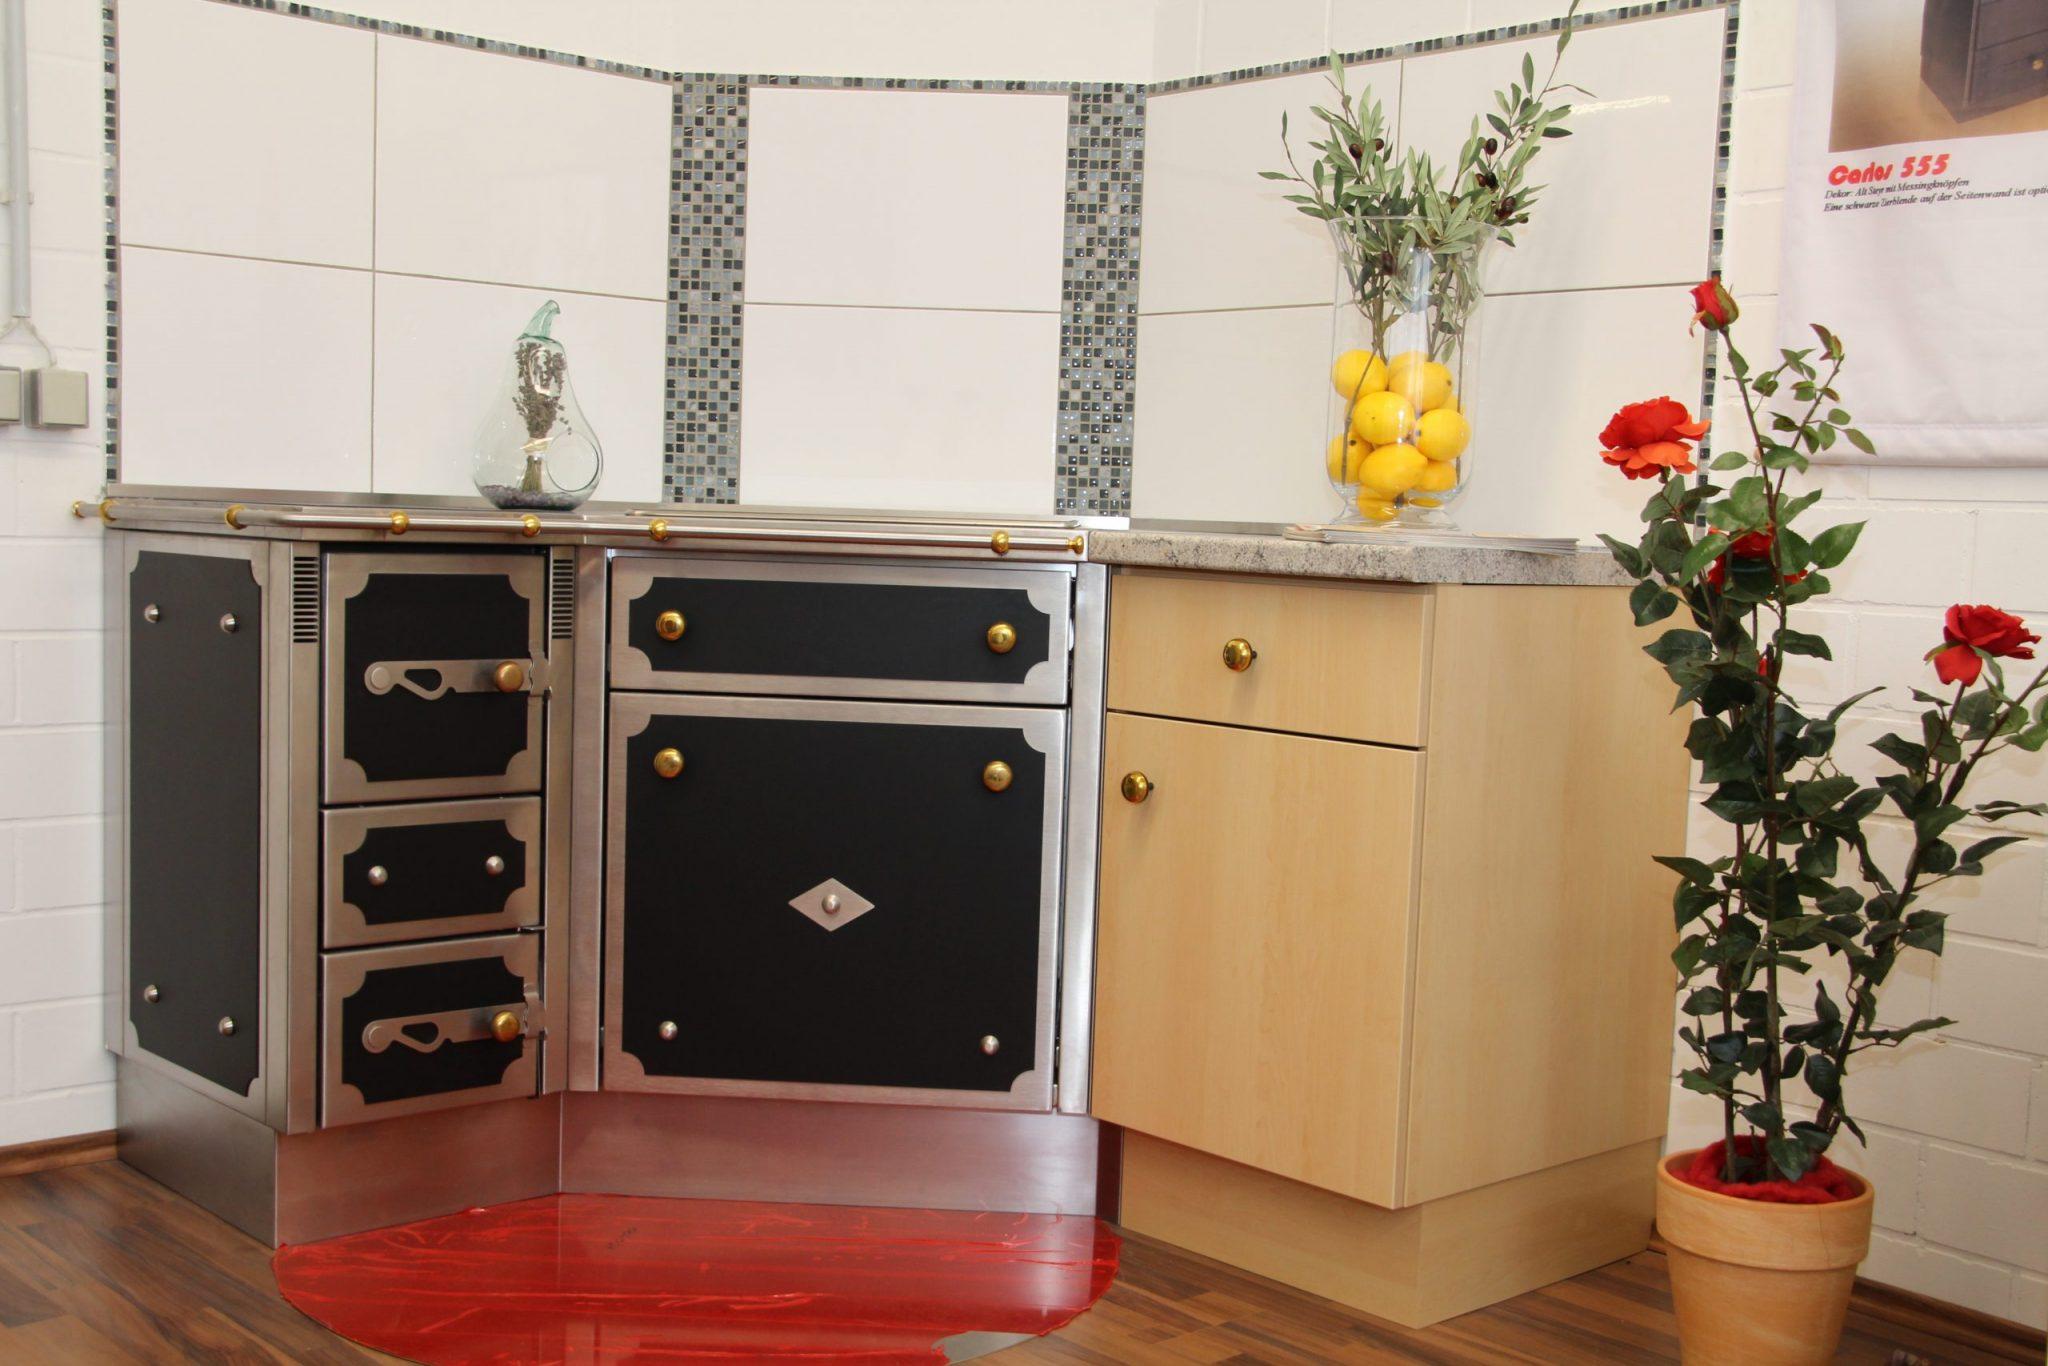 Kögler Ofen und Schornstein Studio in Nagold